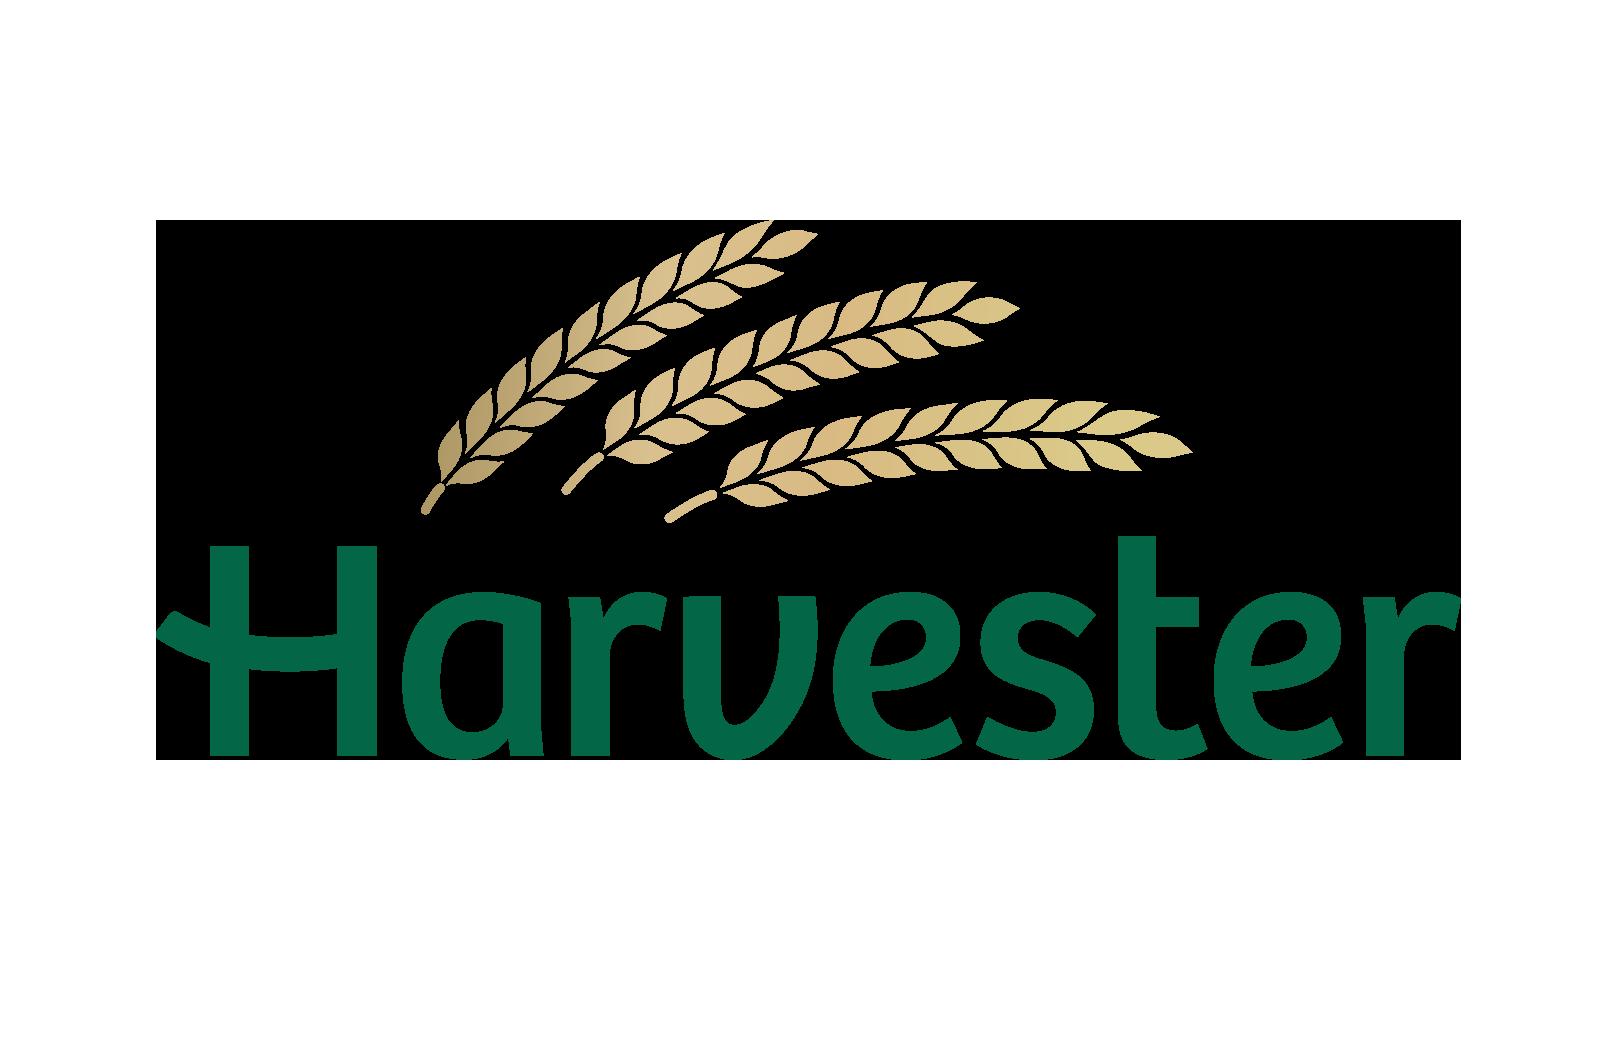 Harvester_Green&Gold;_logo.png